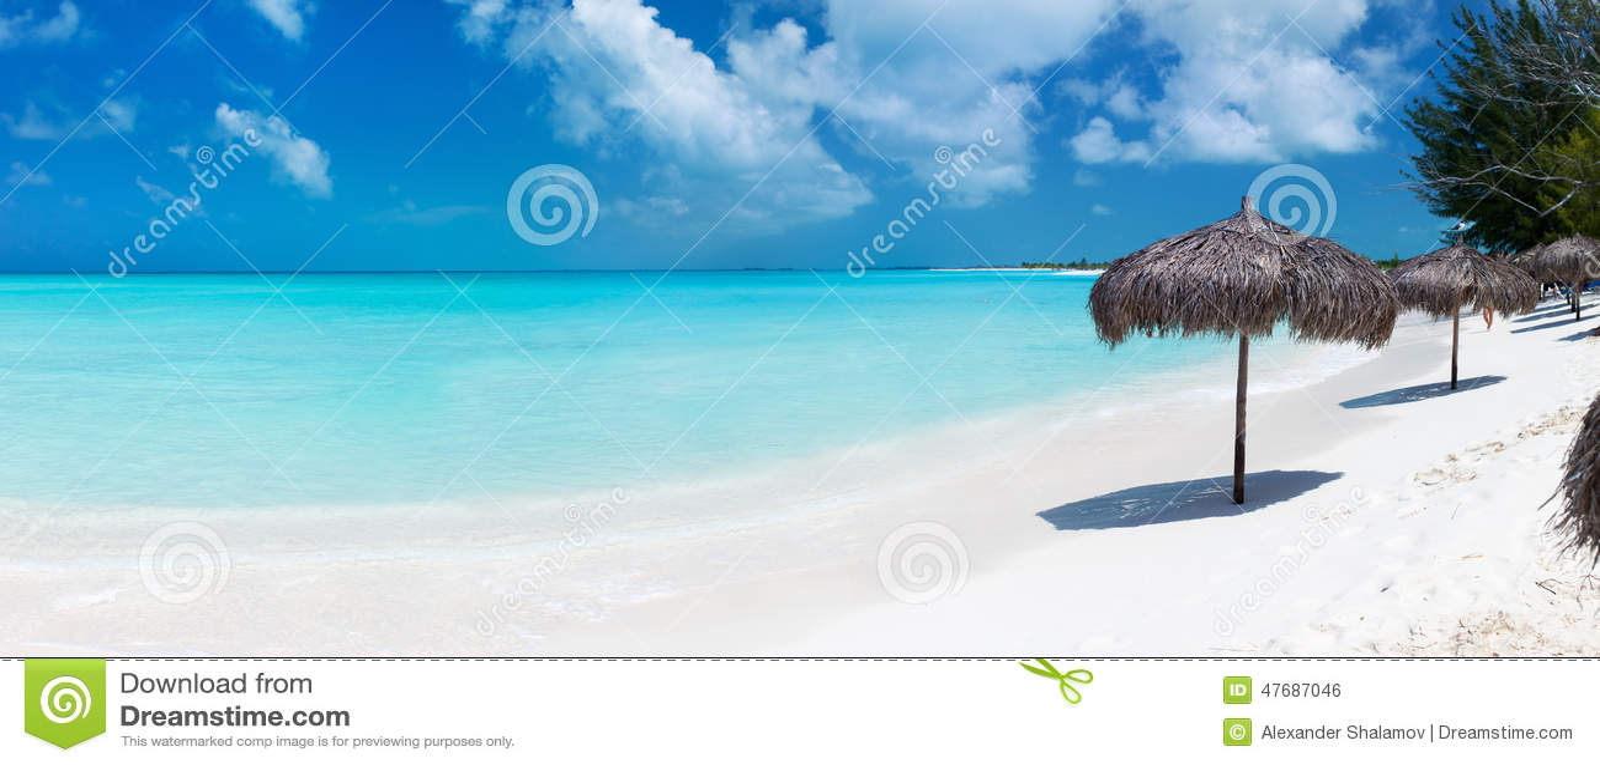 Mooi Caraïbisch strandpanorama